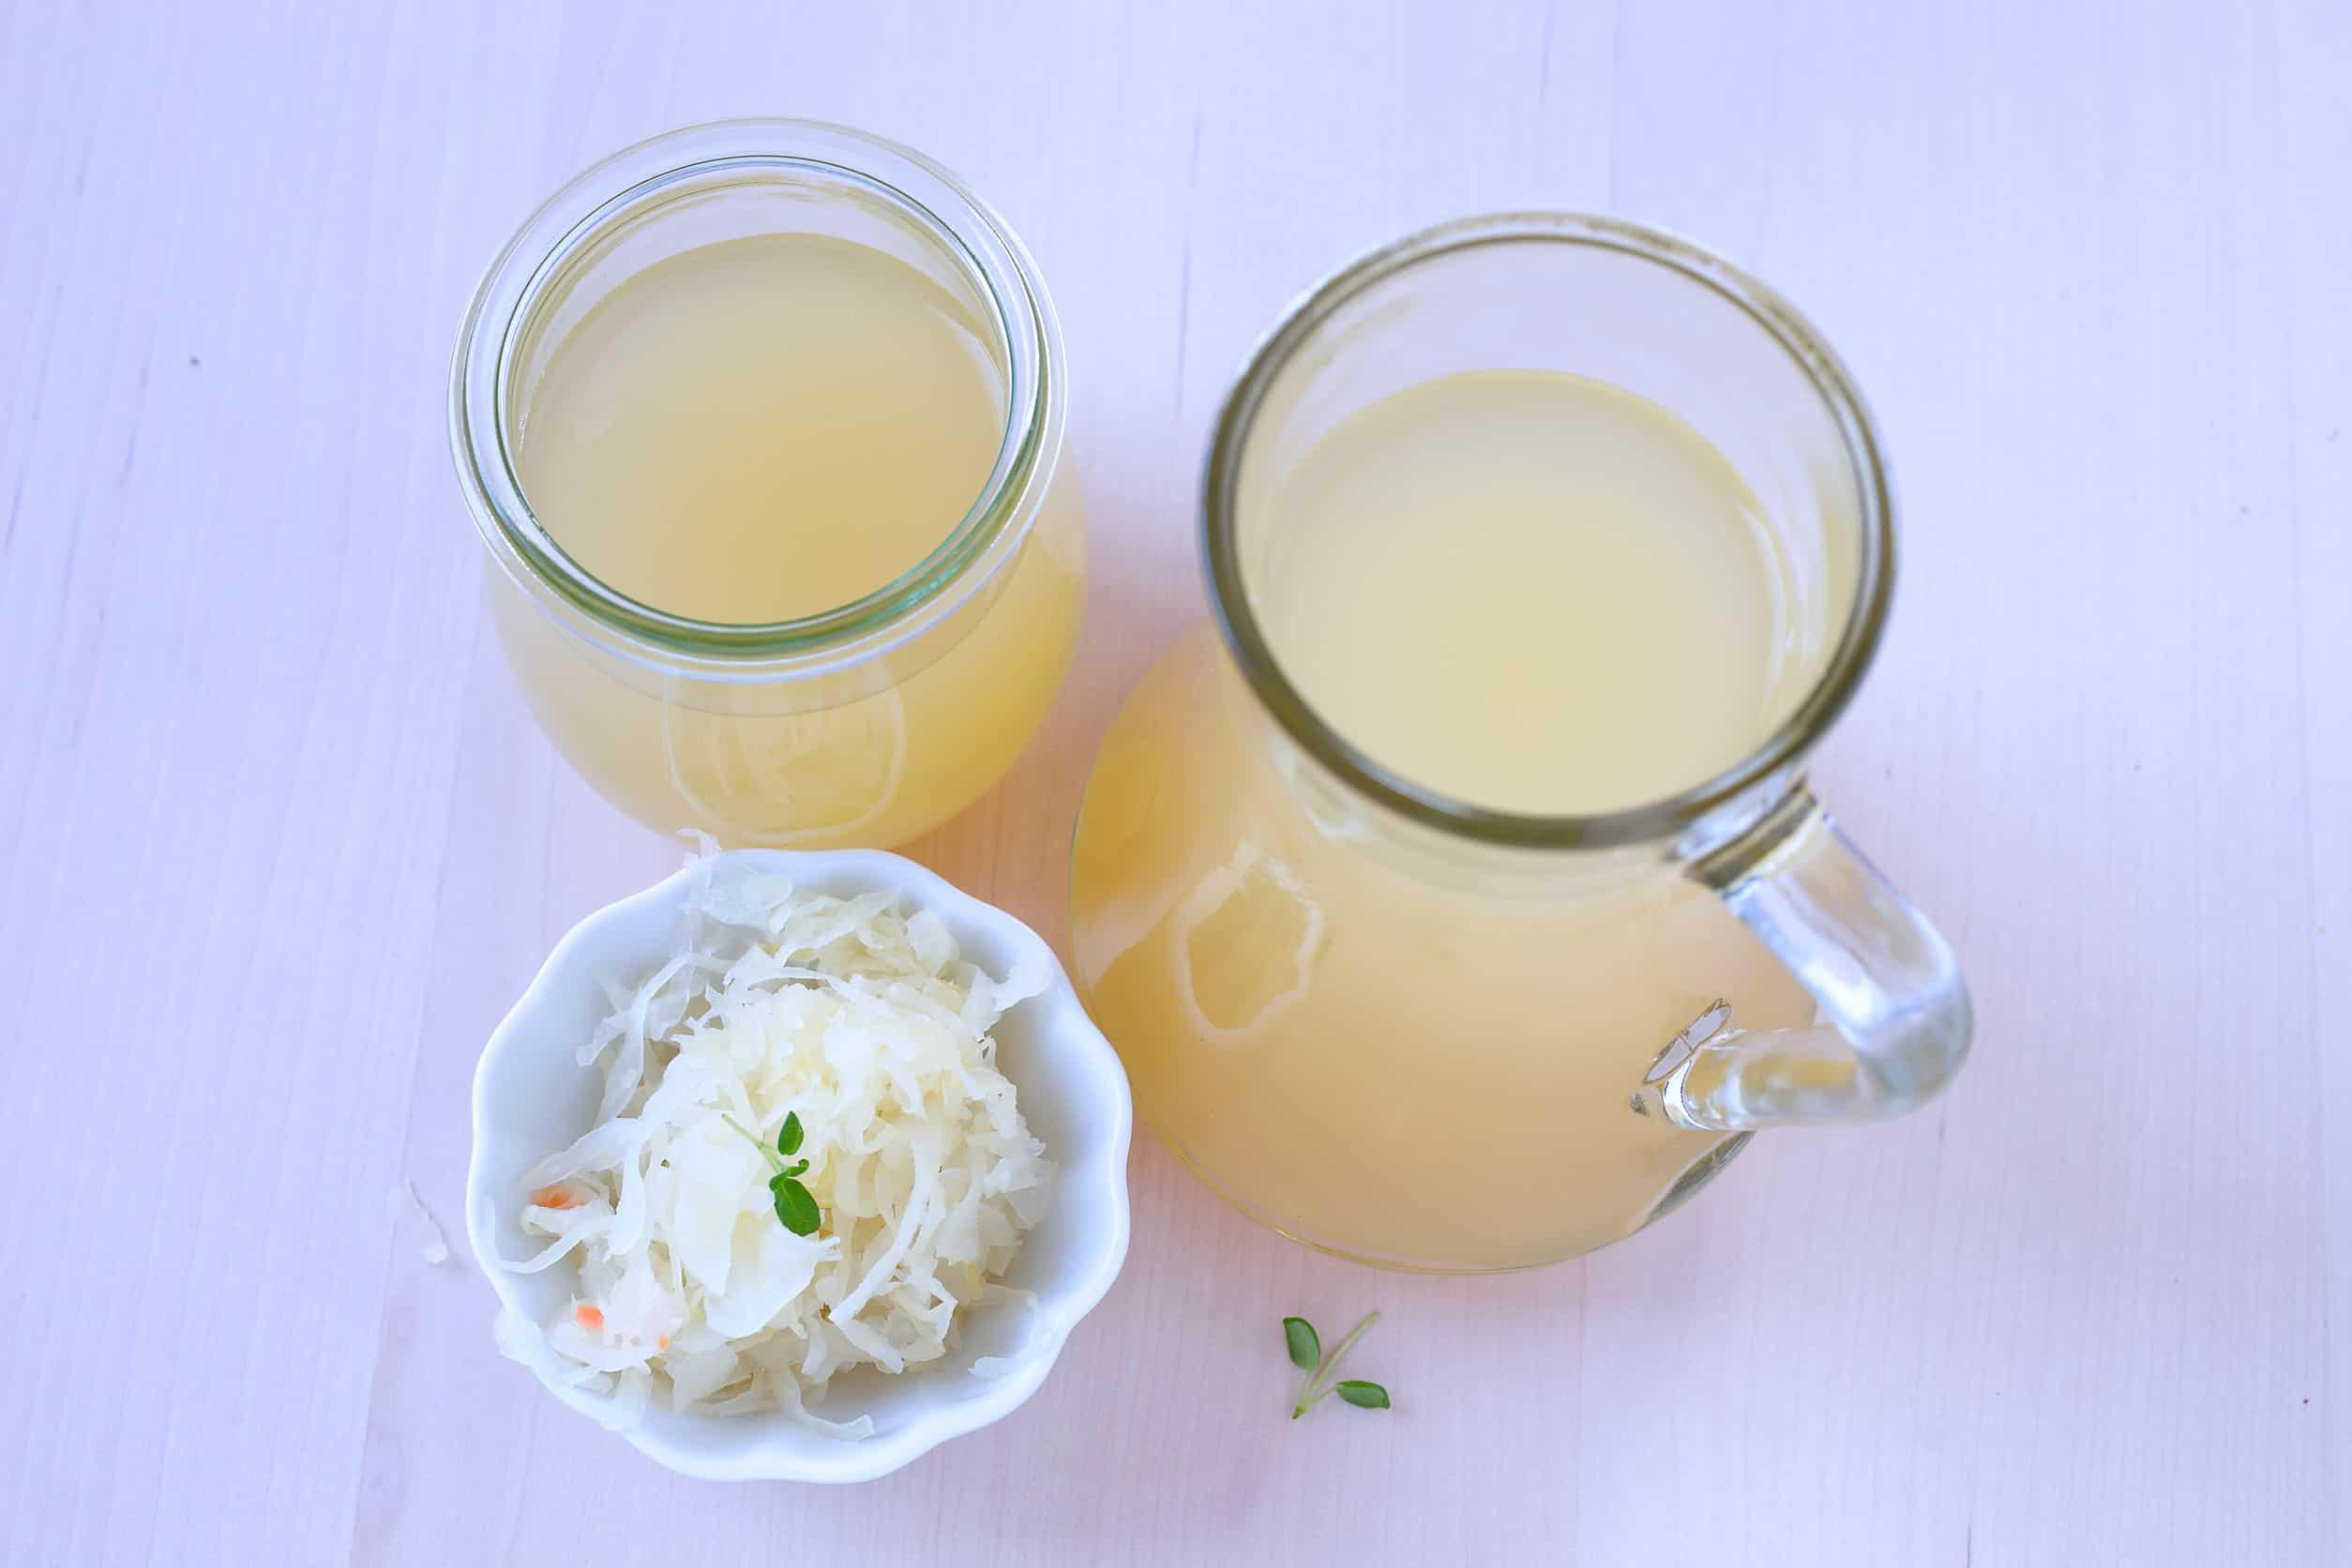 Sauerkrautsaft: Test & Empfehlungen (01/21)